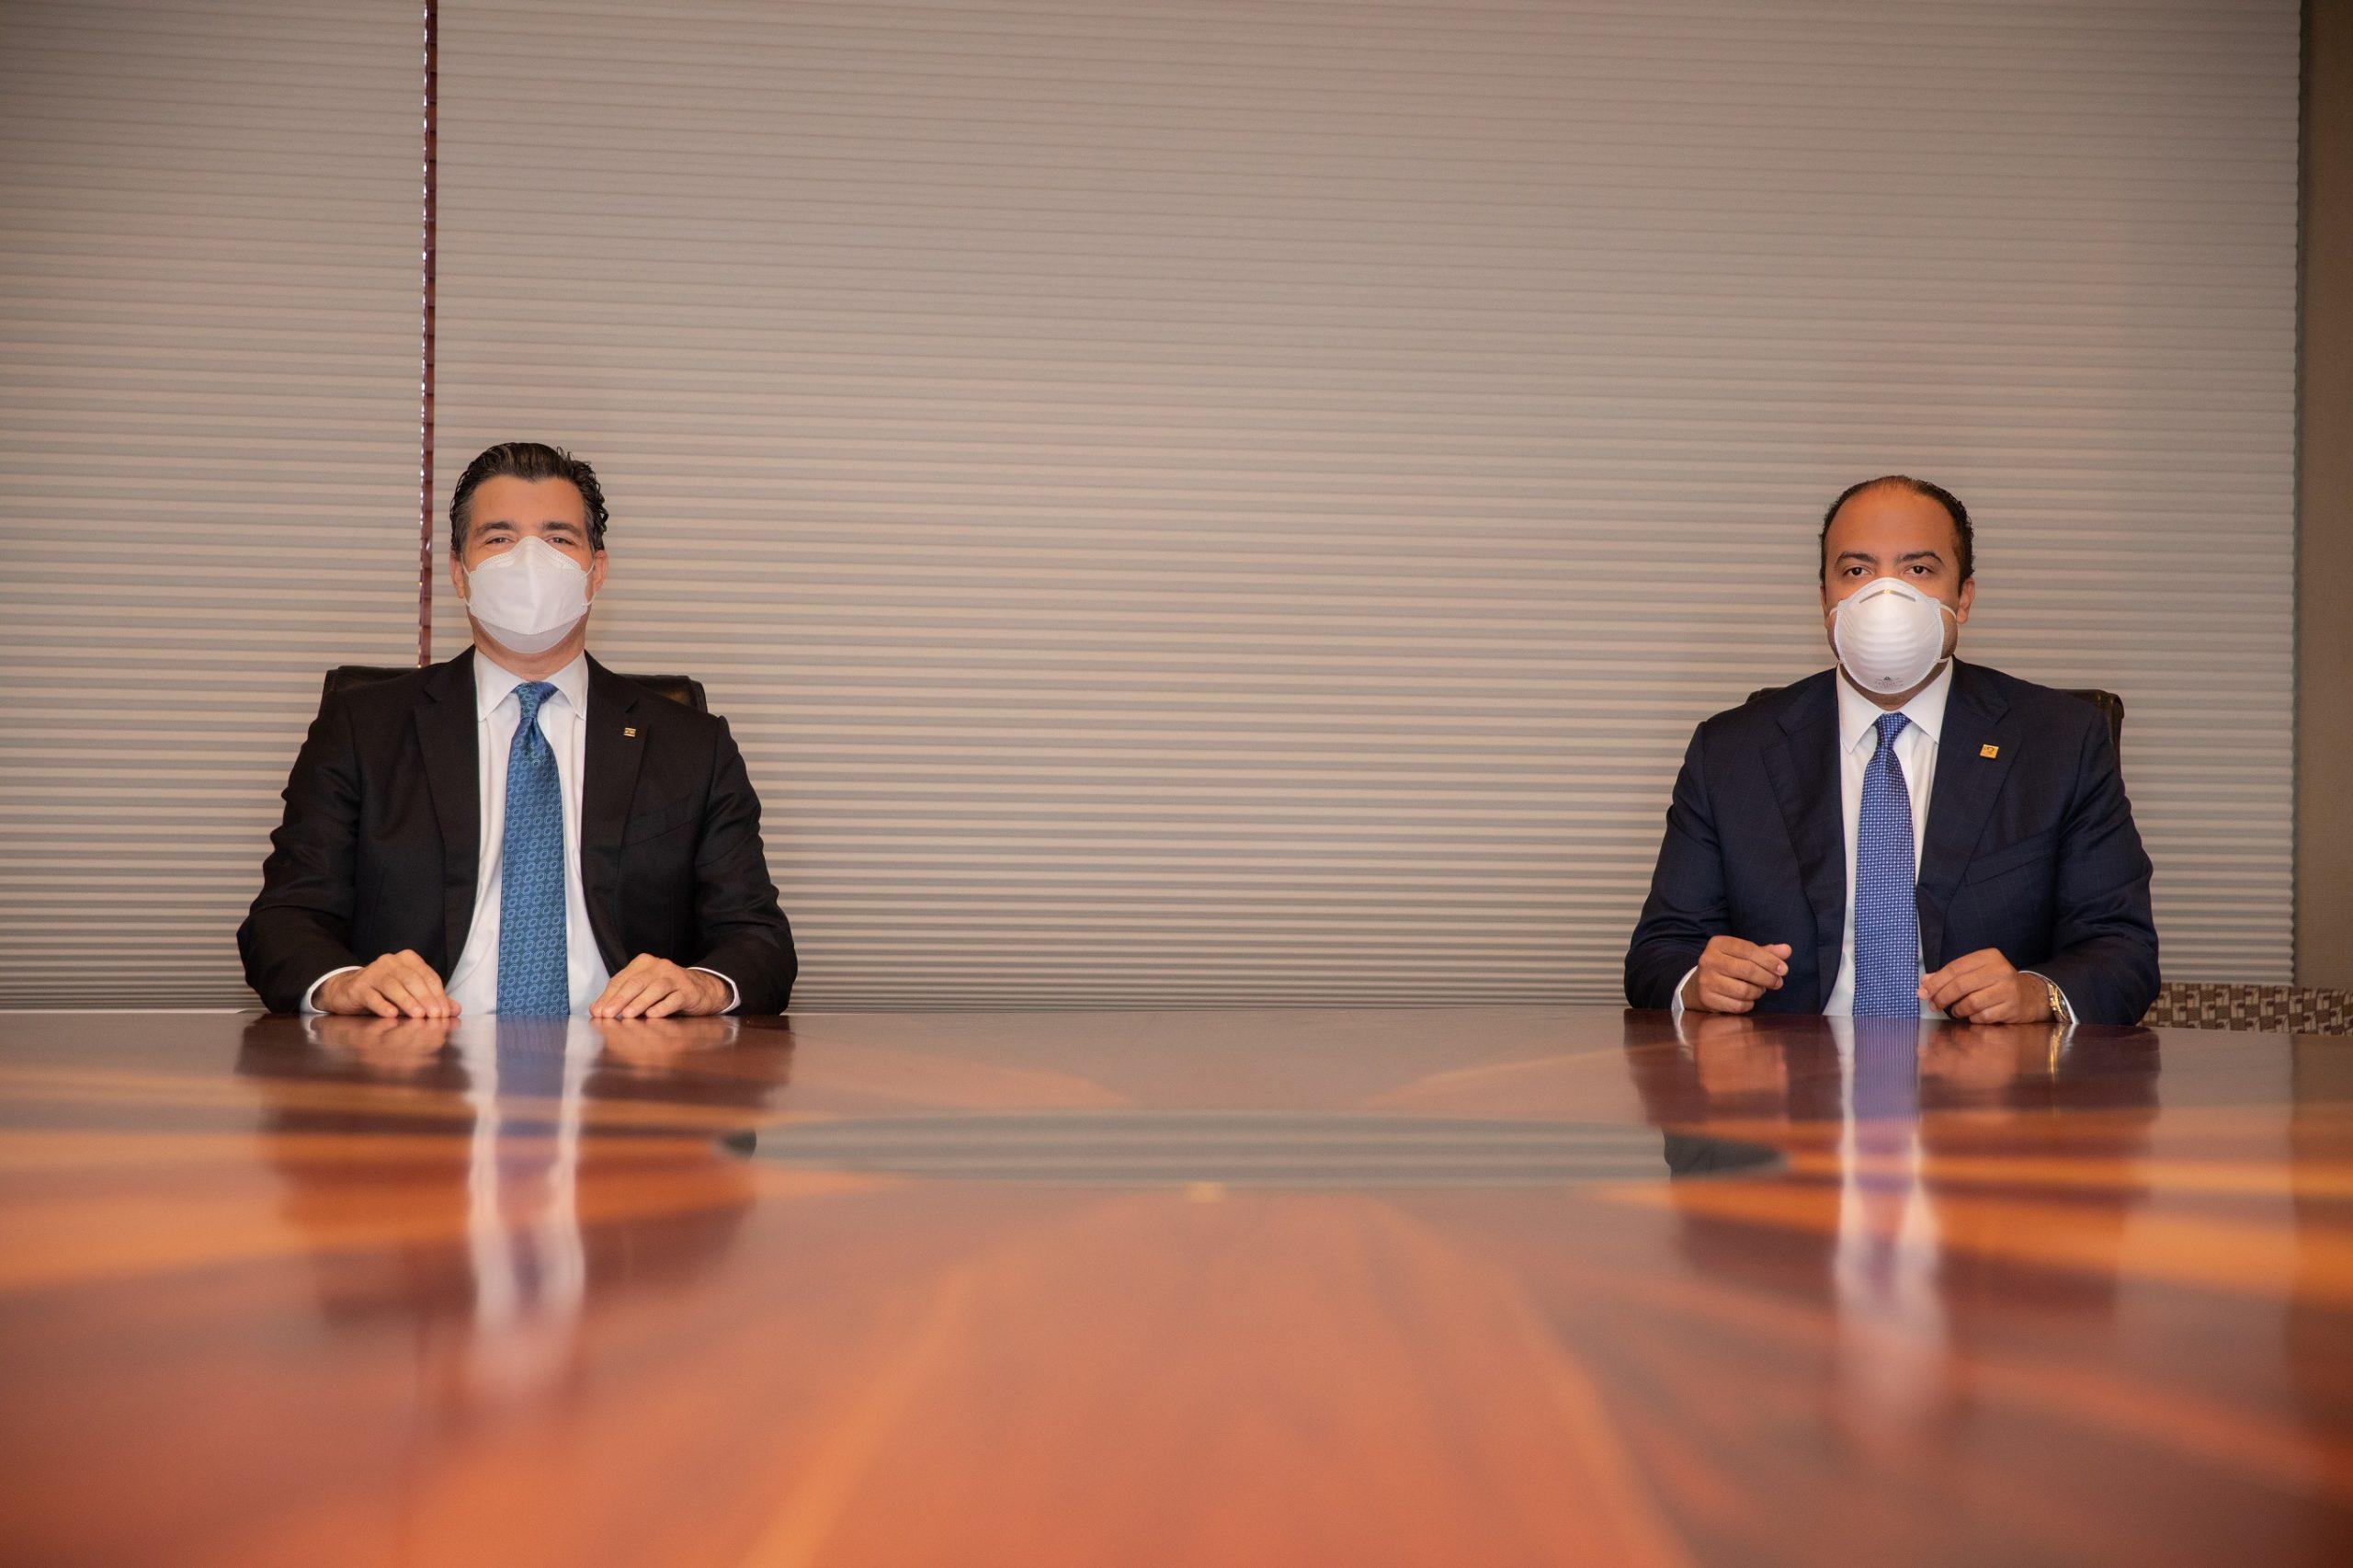 Primeros ejecutivos del Banco Popular y del Banreservas reafirman compromiso con la sociedad